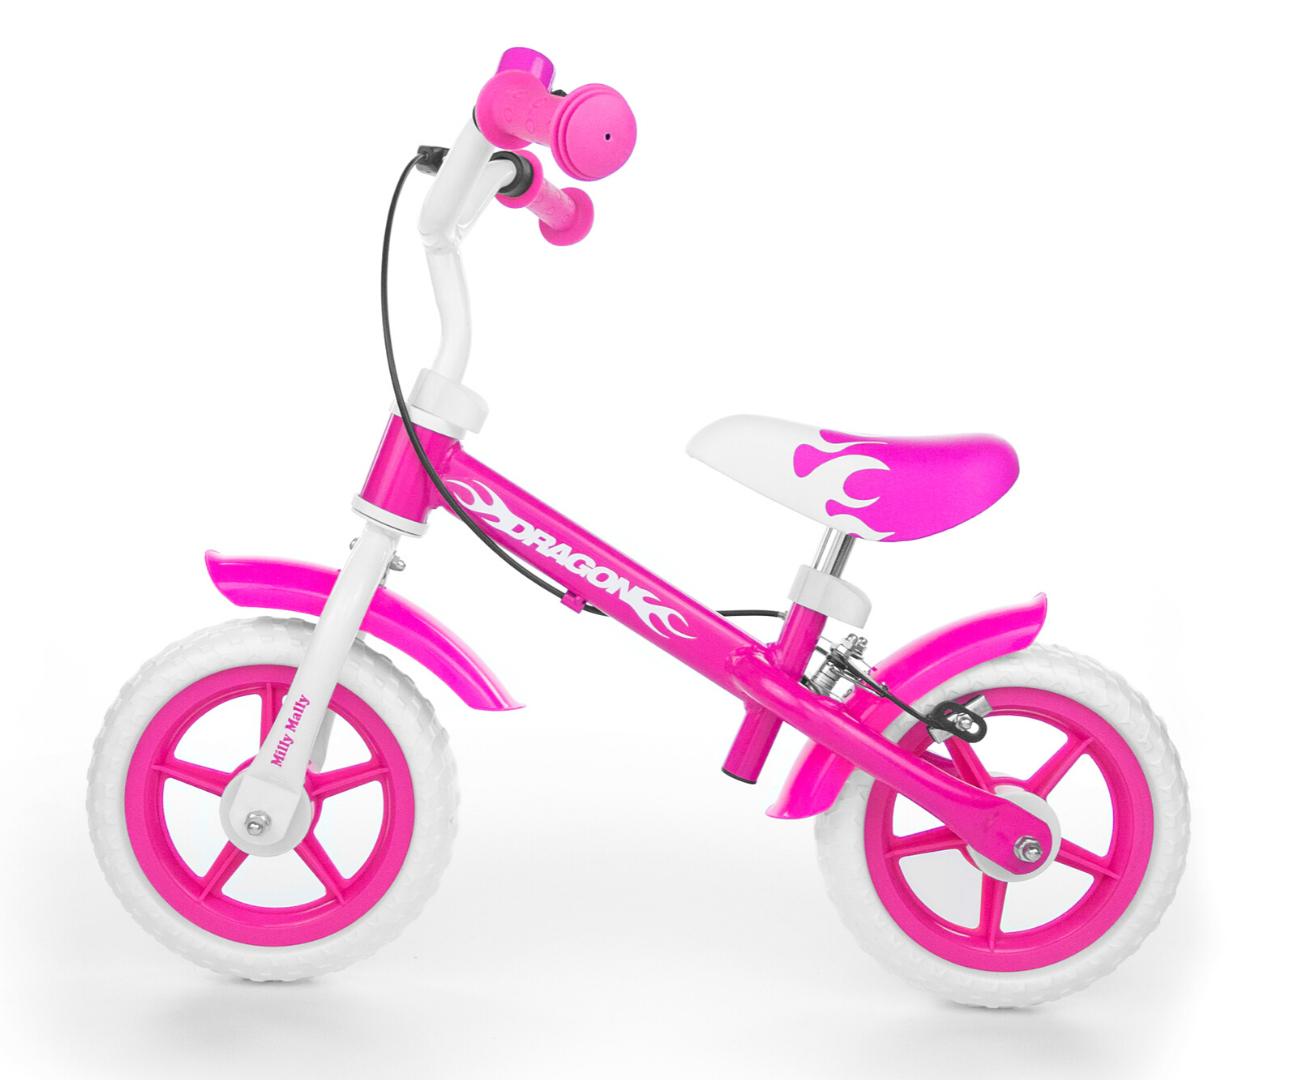 Milly Mally jooksuratas Dragon piduritega Pink